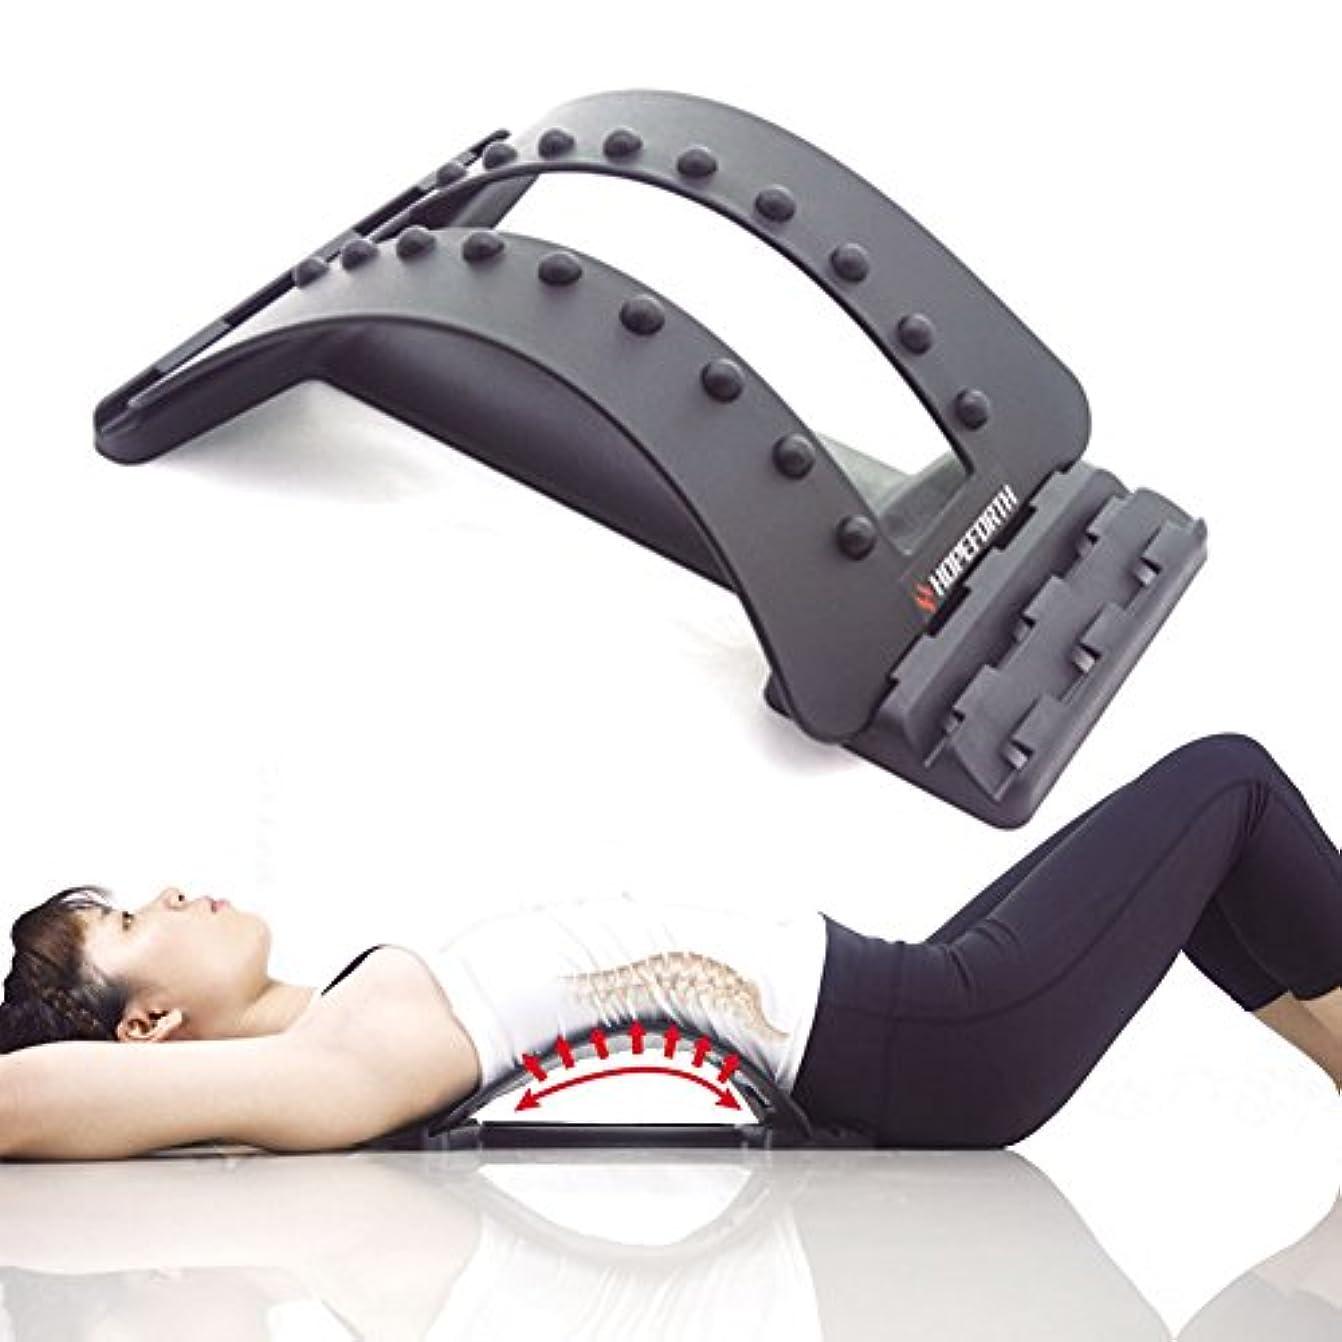 メール移行する遅いHOPEFORTH バックストレッチャー腰痛 肩こり 猫背 解消 ストレッチ 三段階調節可能 デスクワーク 健康用品